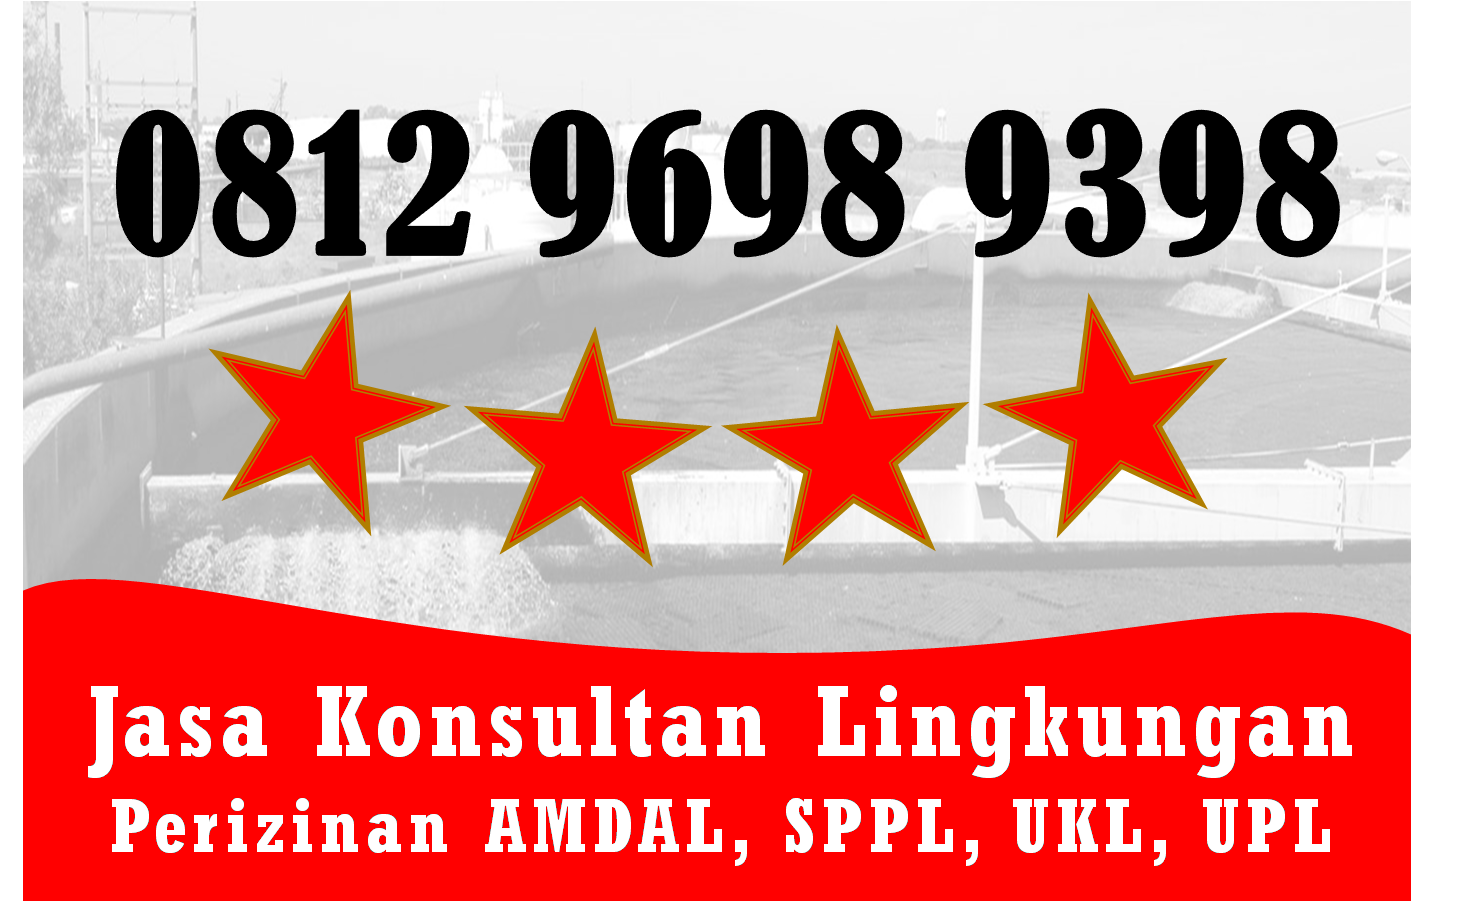 Hubungi Kami Telp Wa 0812 9698 9398 Ukl Upl Artinya Kab Nduga Papua Di 2020 Teknik Lingkungan Mobil Kota Pulau Bangka